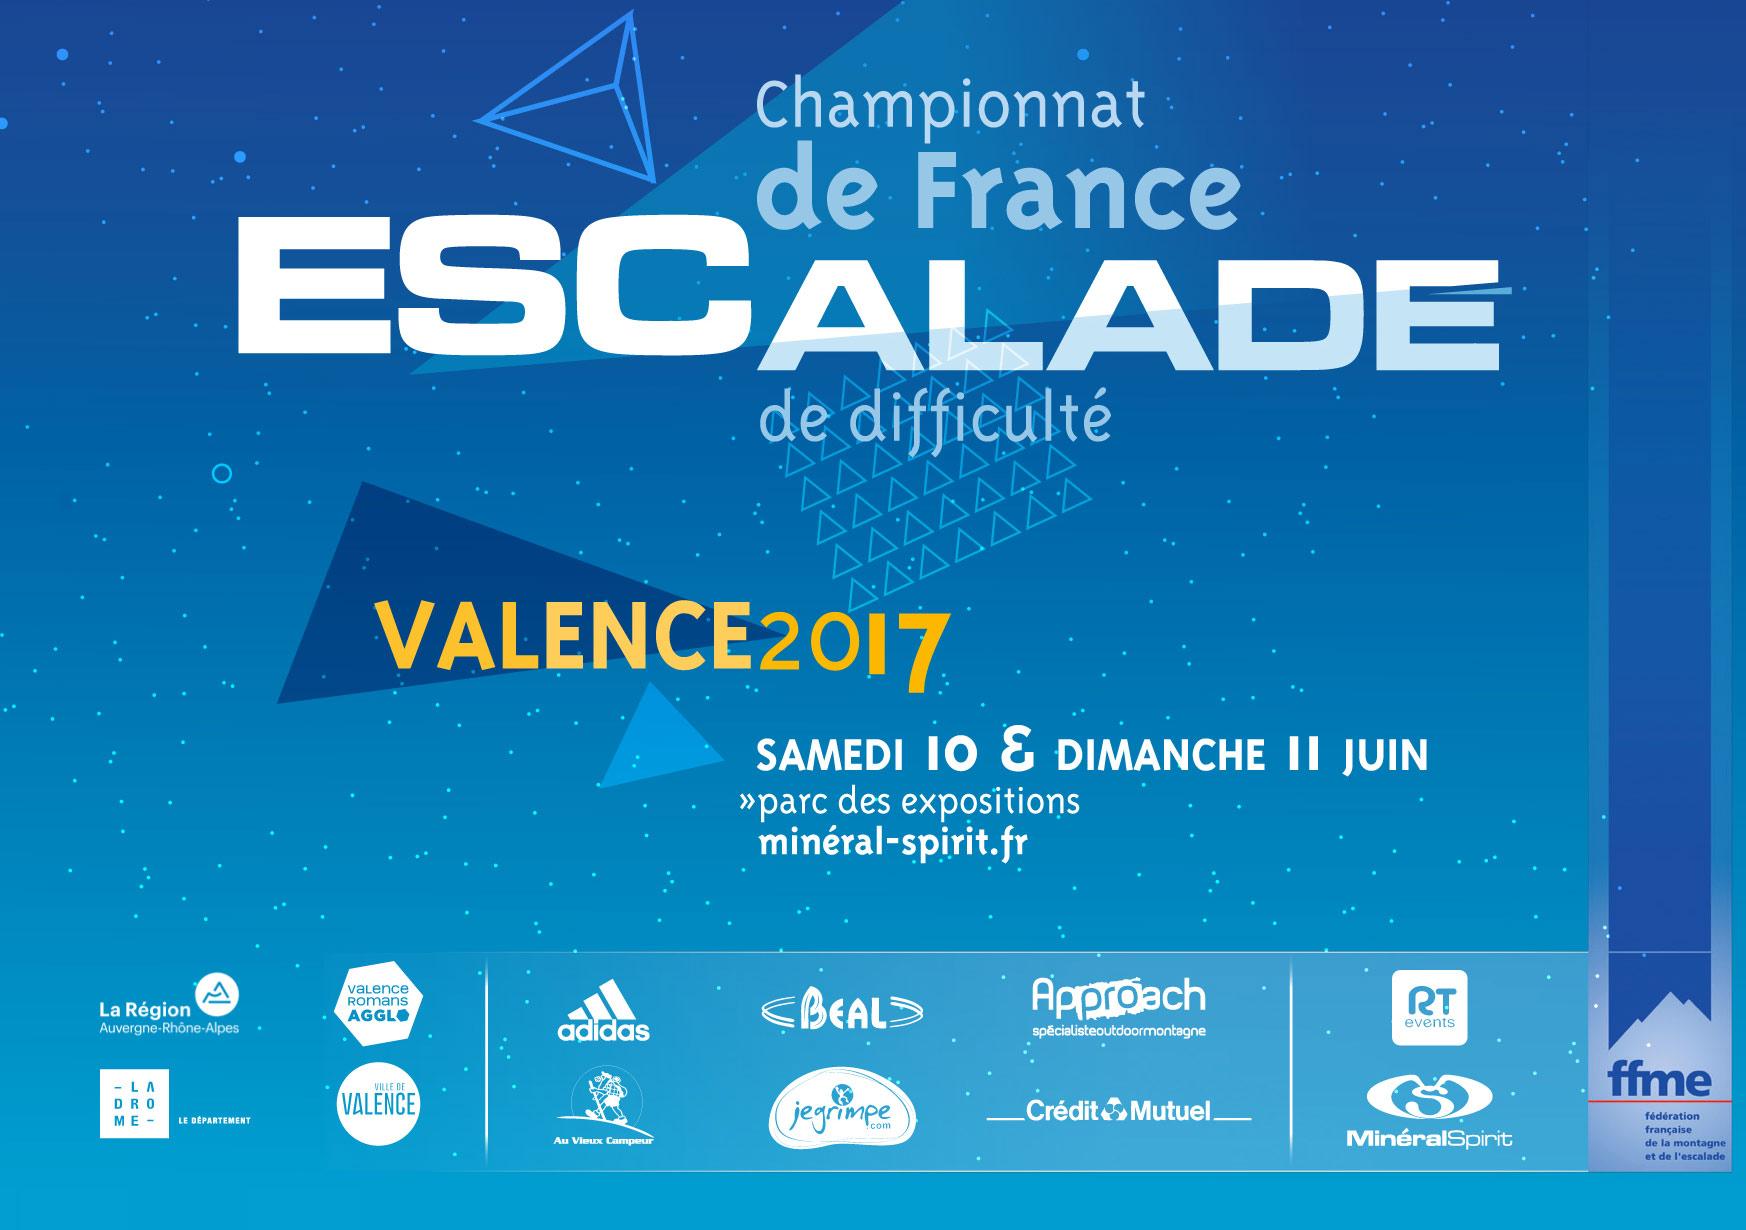 Championnats de France d'escalade de difficulté - Valence 2017